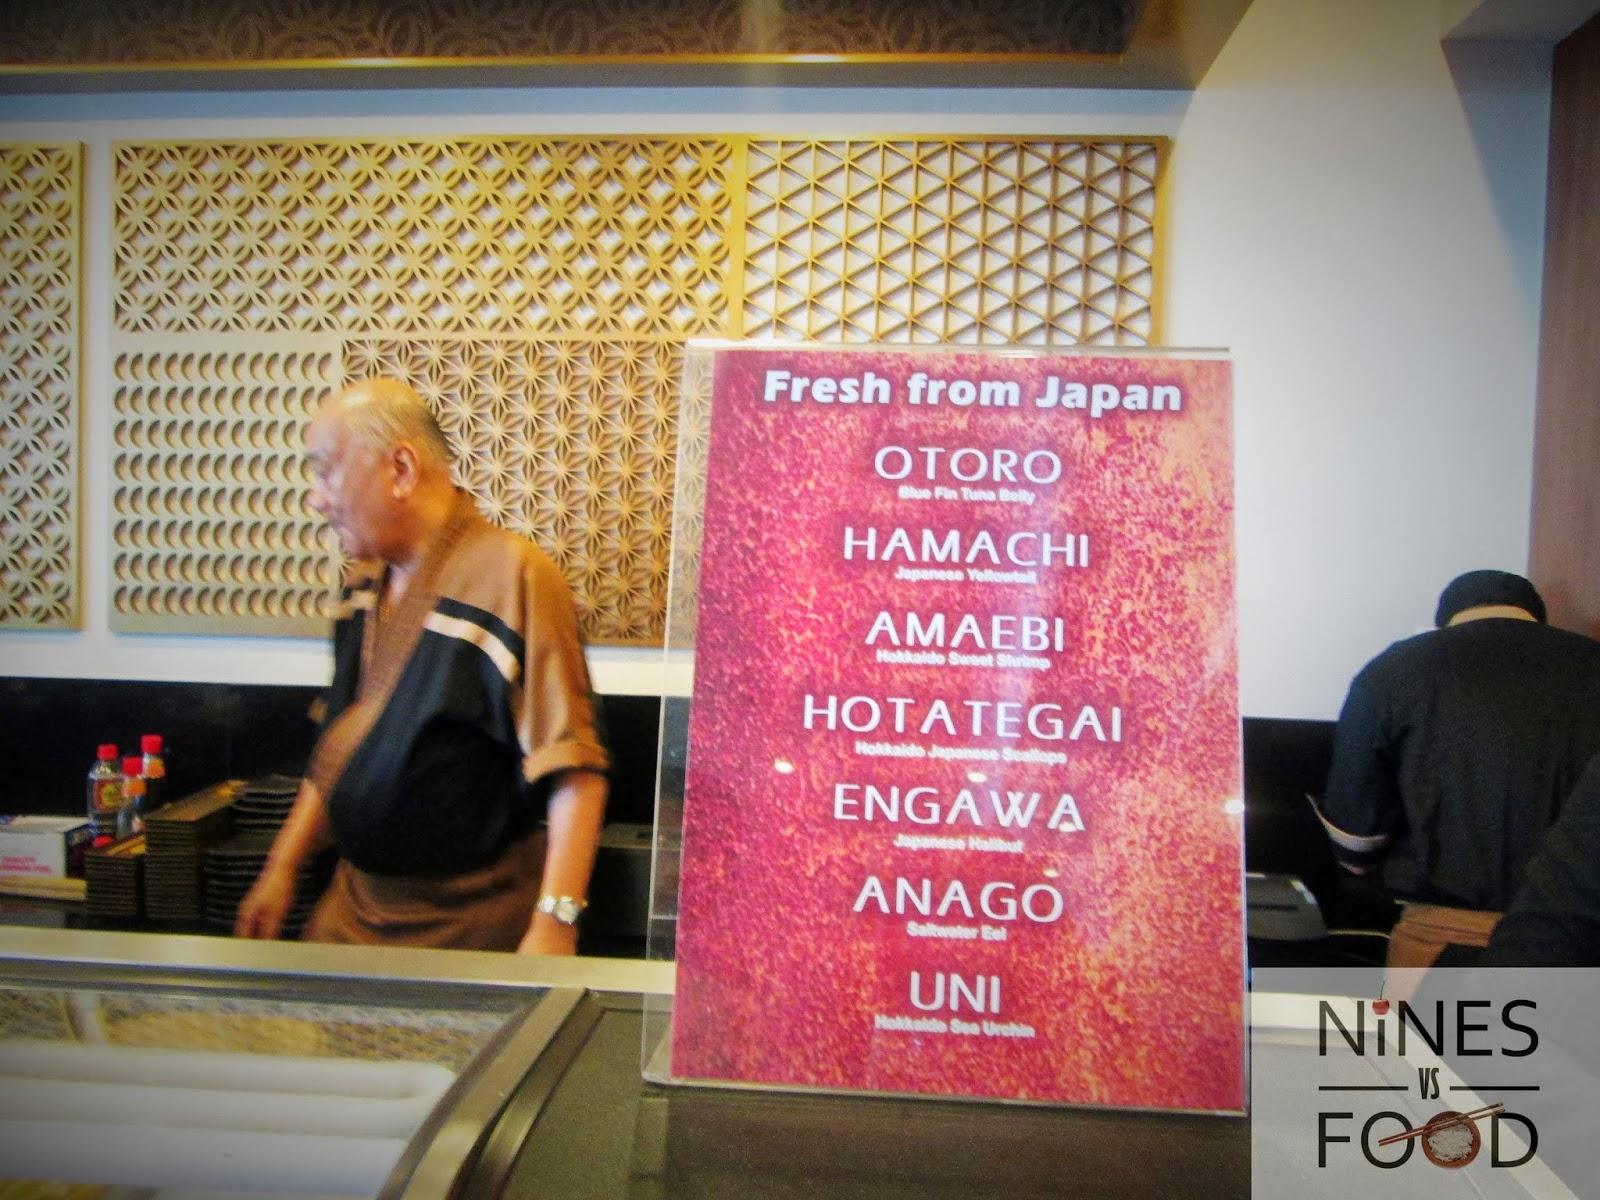 Nines vs. Food - Ogetsu Hime SM Aura Taguig-6.jpg